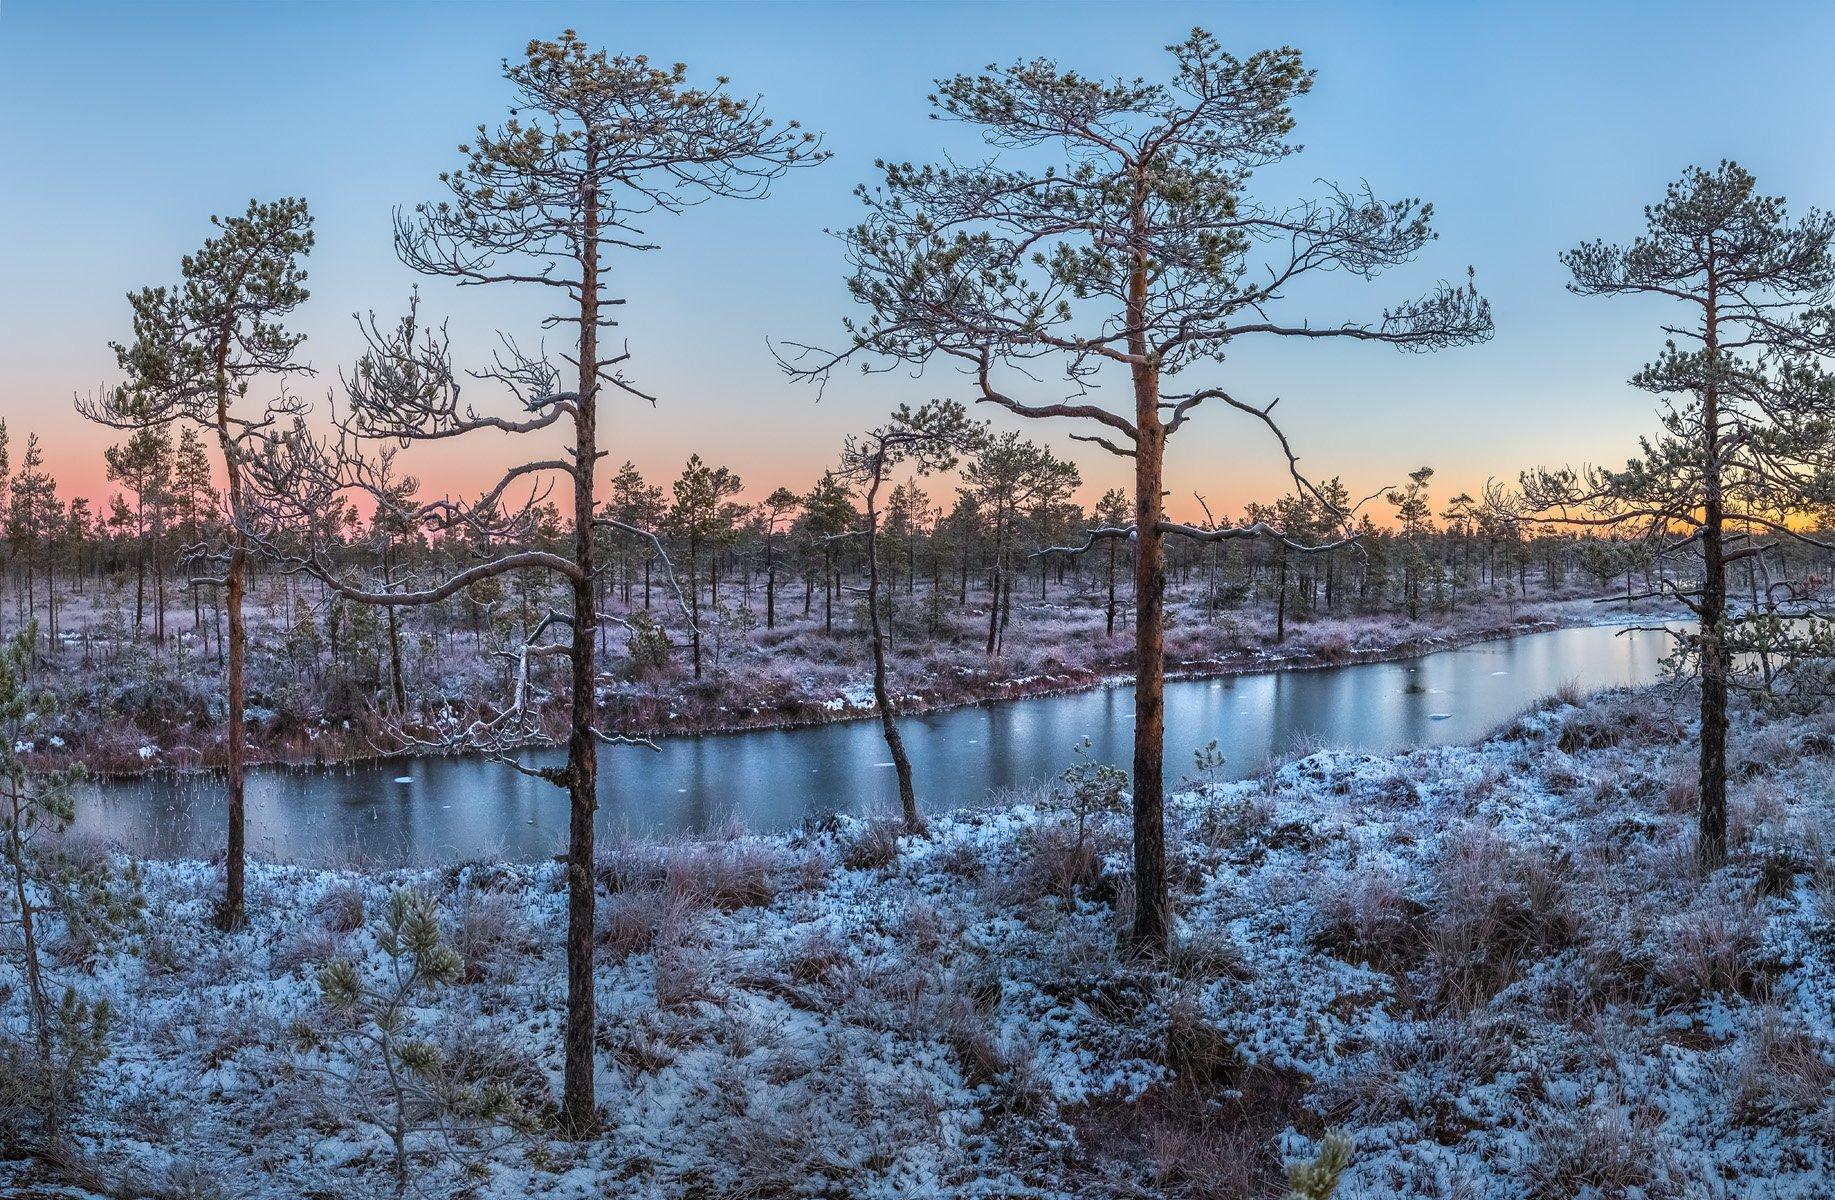 фототур, ленинградская область, деревья, сосна, болото, рассвет, осень, иней, мороз, озеро, снег, заморозки., Лашков Фёдор